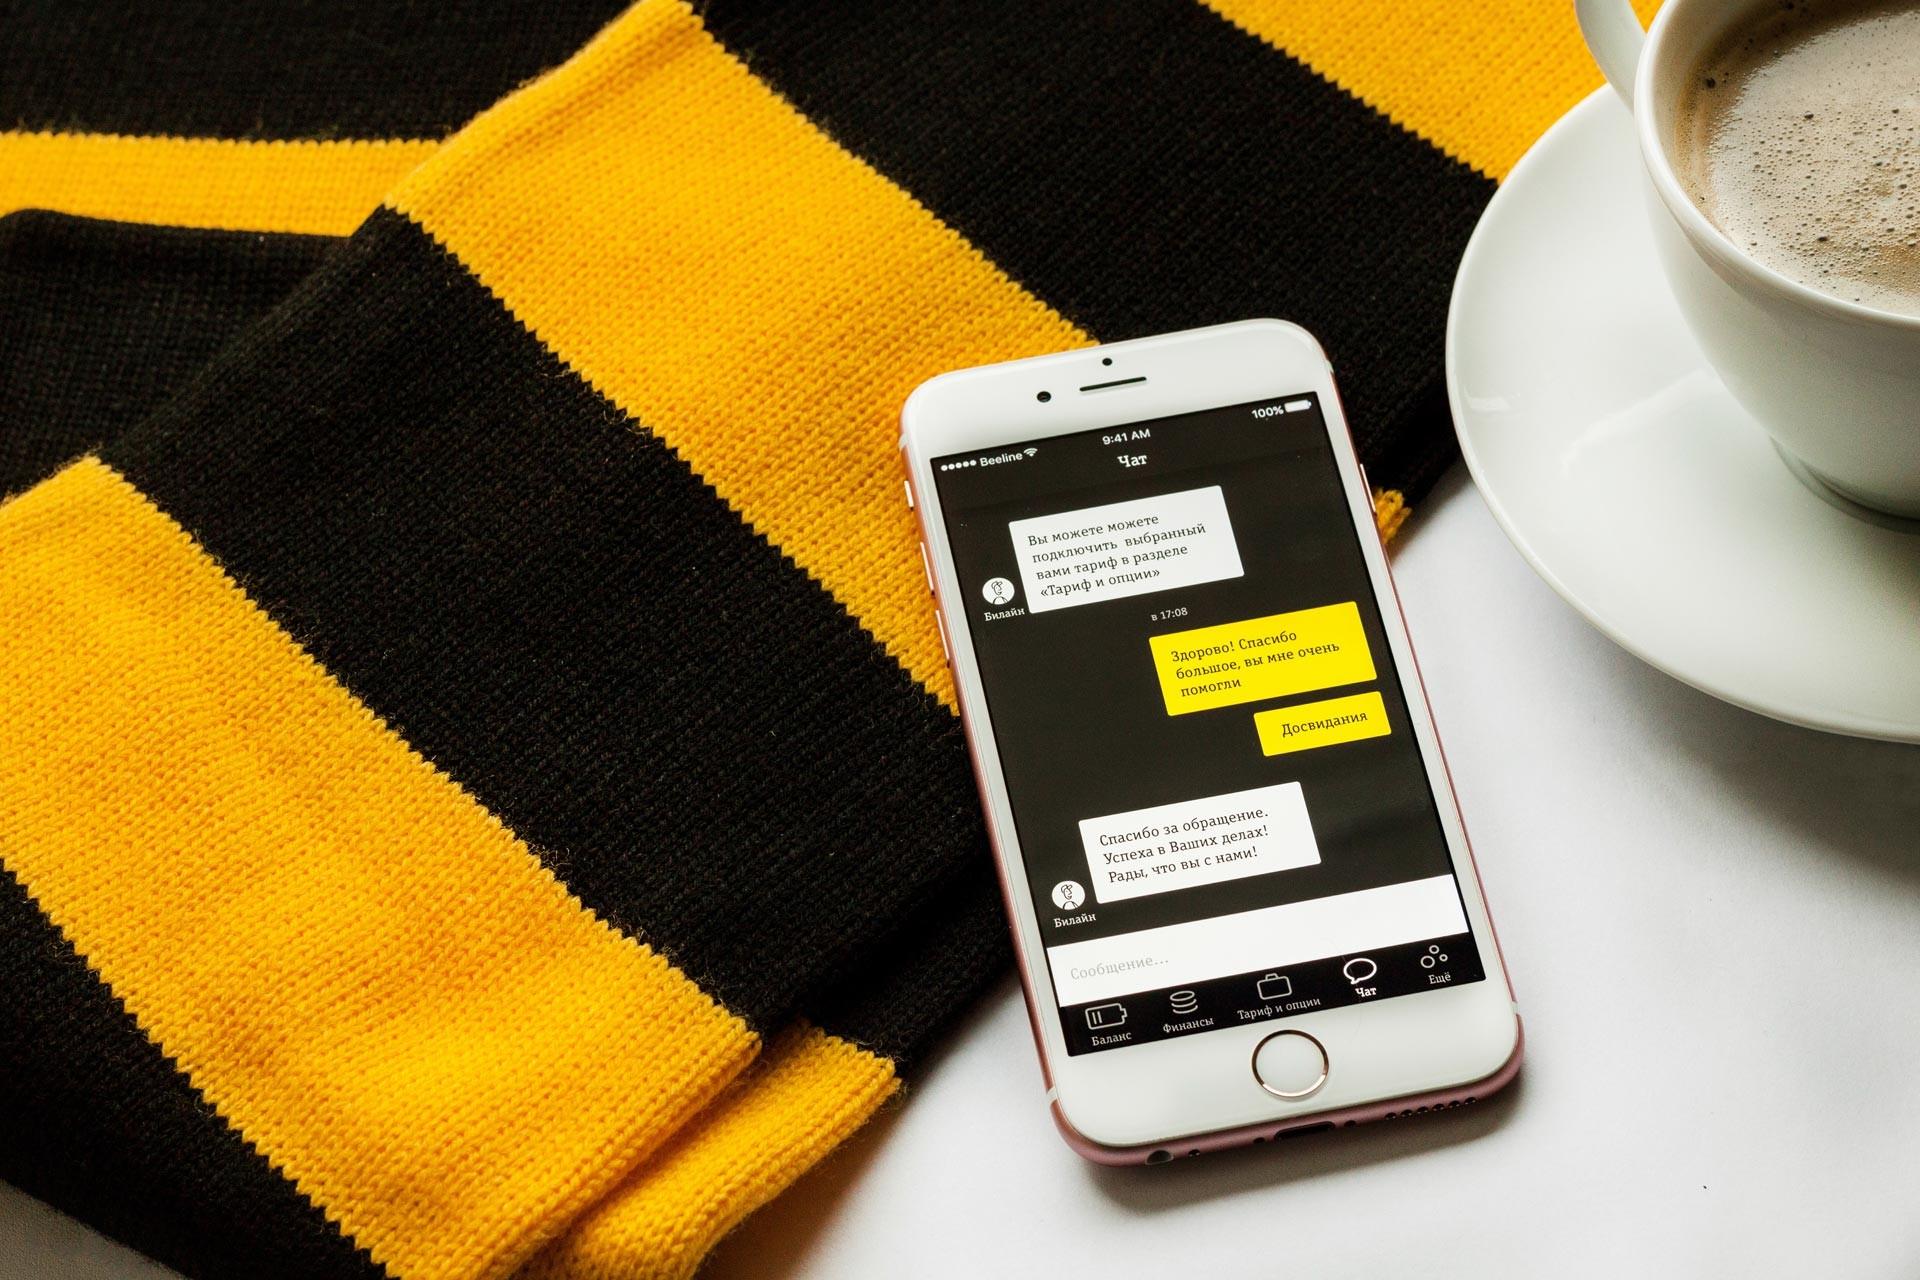 Жалобы клиентов «Билайн» на сбои в получении СМС от банков